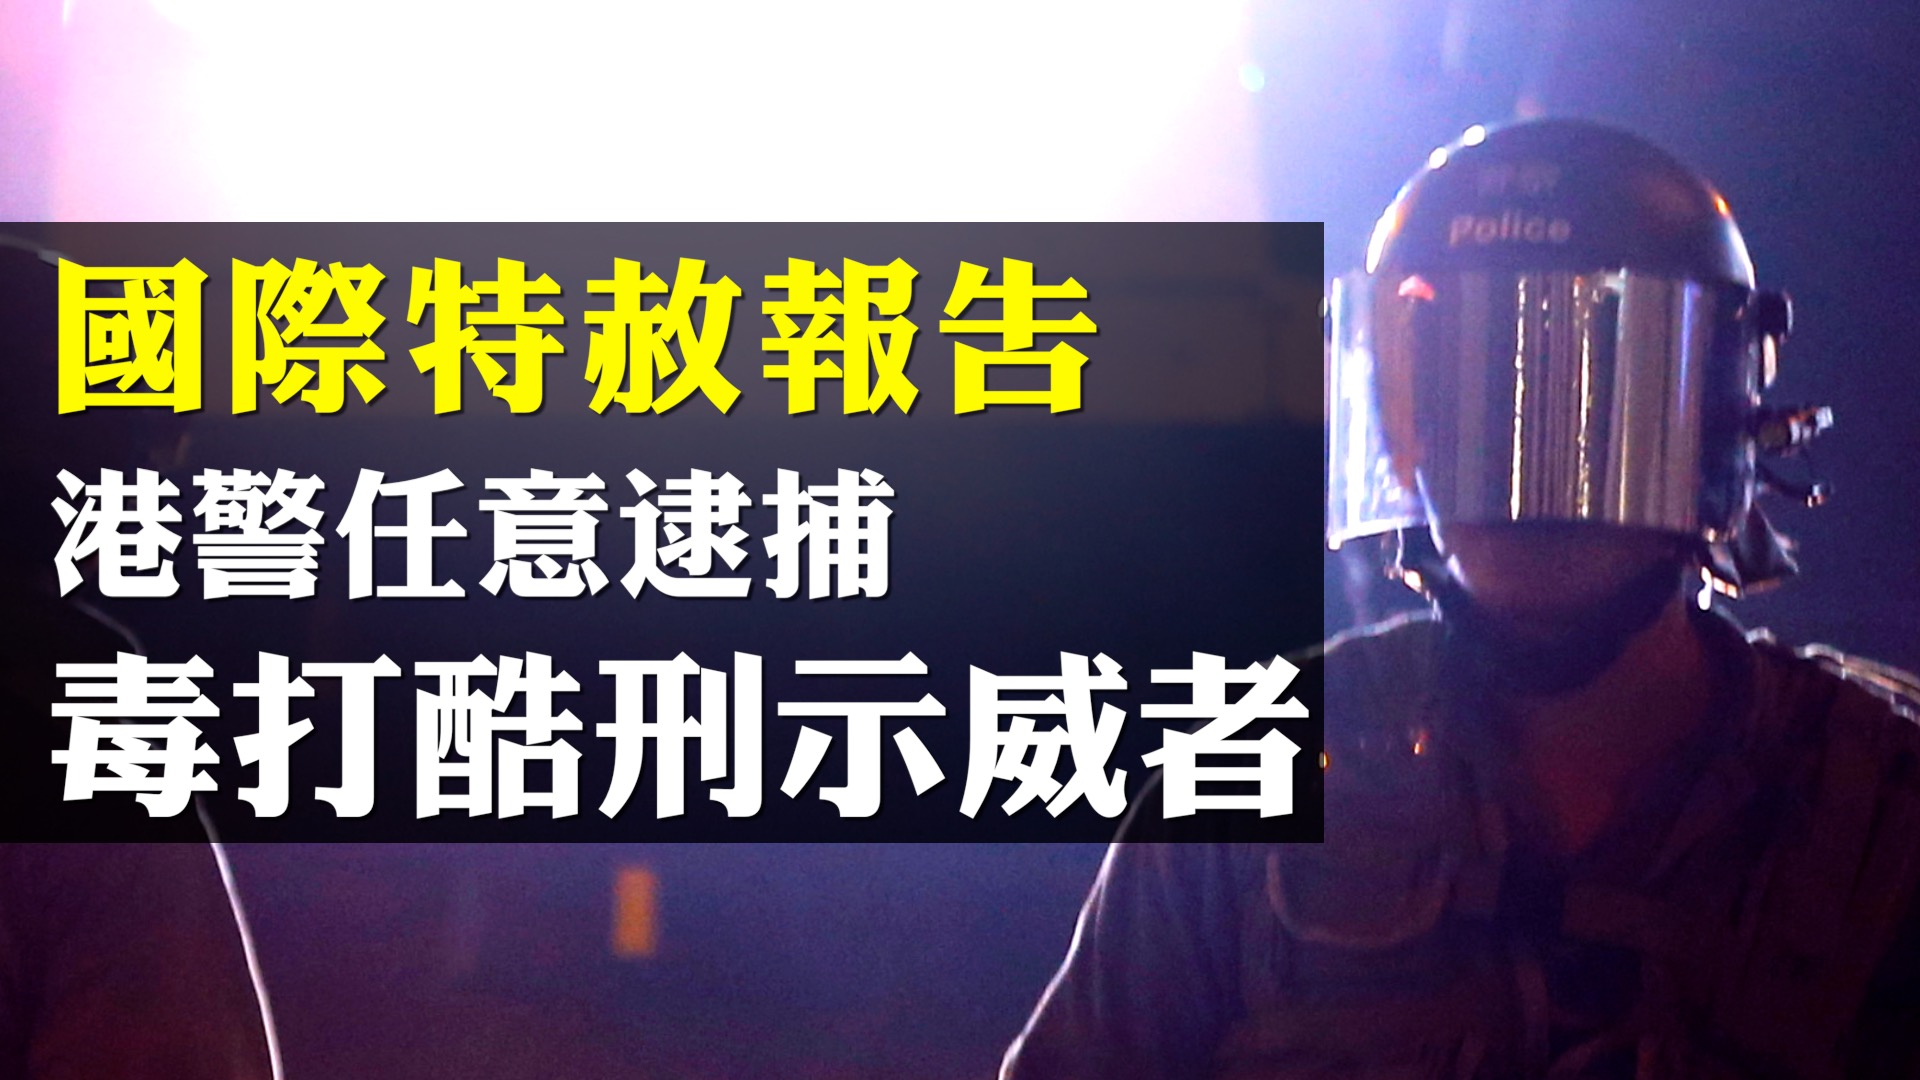 【拍案驚奇】曝光港警私刑 國際特赦報告全解